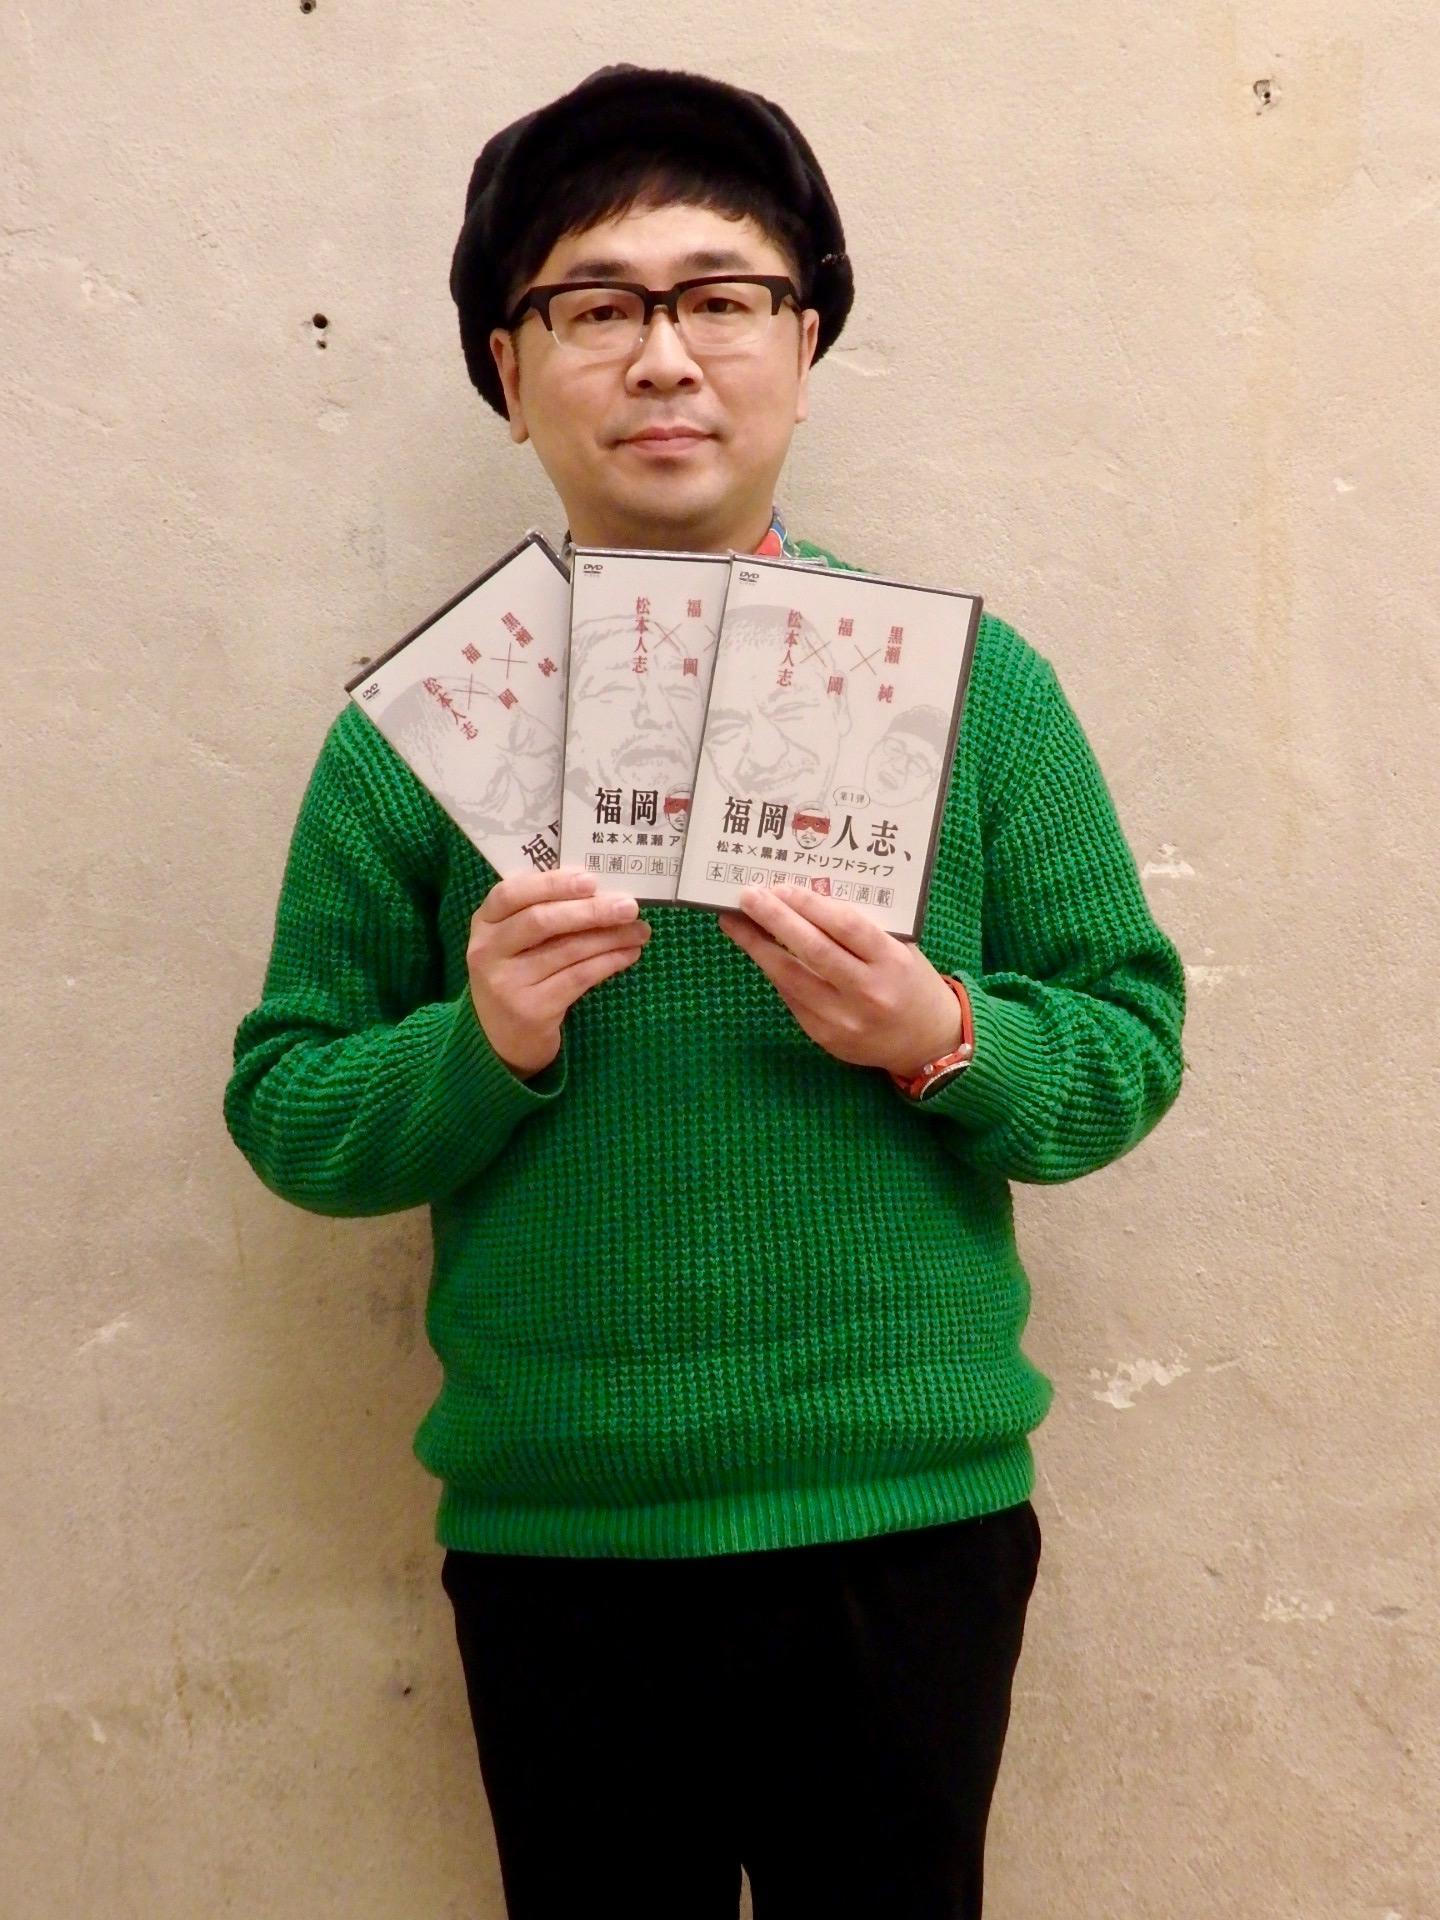 http://news.yoshimoto.co.jp/20190130163237-d7d5eceb22eb58a2e17619187c0a826da293143b.jpeg